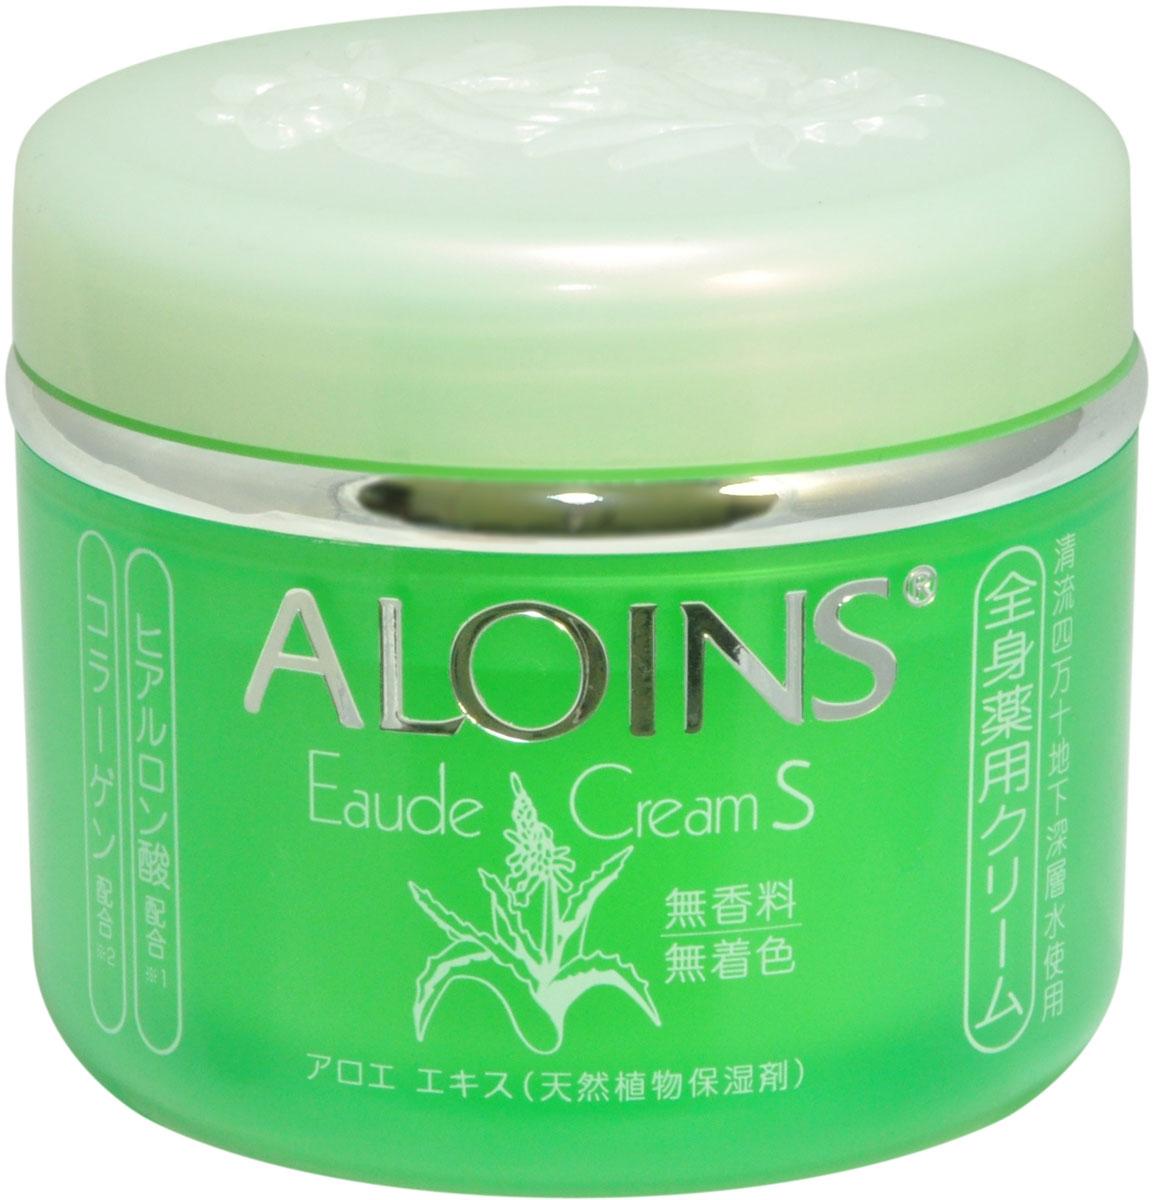 Крем для ухода за кожей ALOINS / Крем для тела с экстрактом алоэ, 185 г, арт.  110805 Aloins